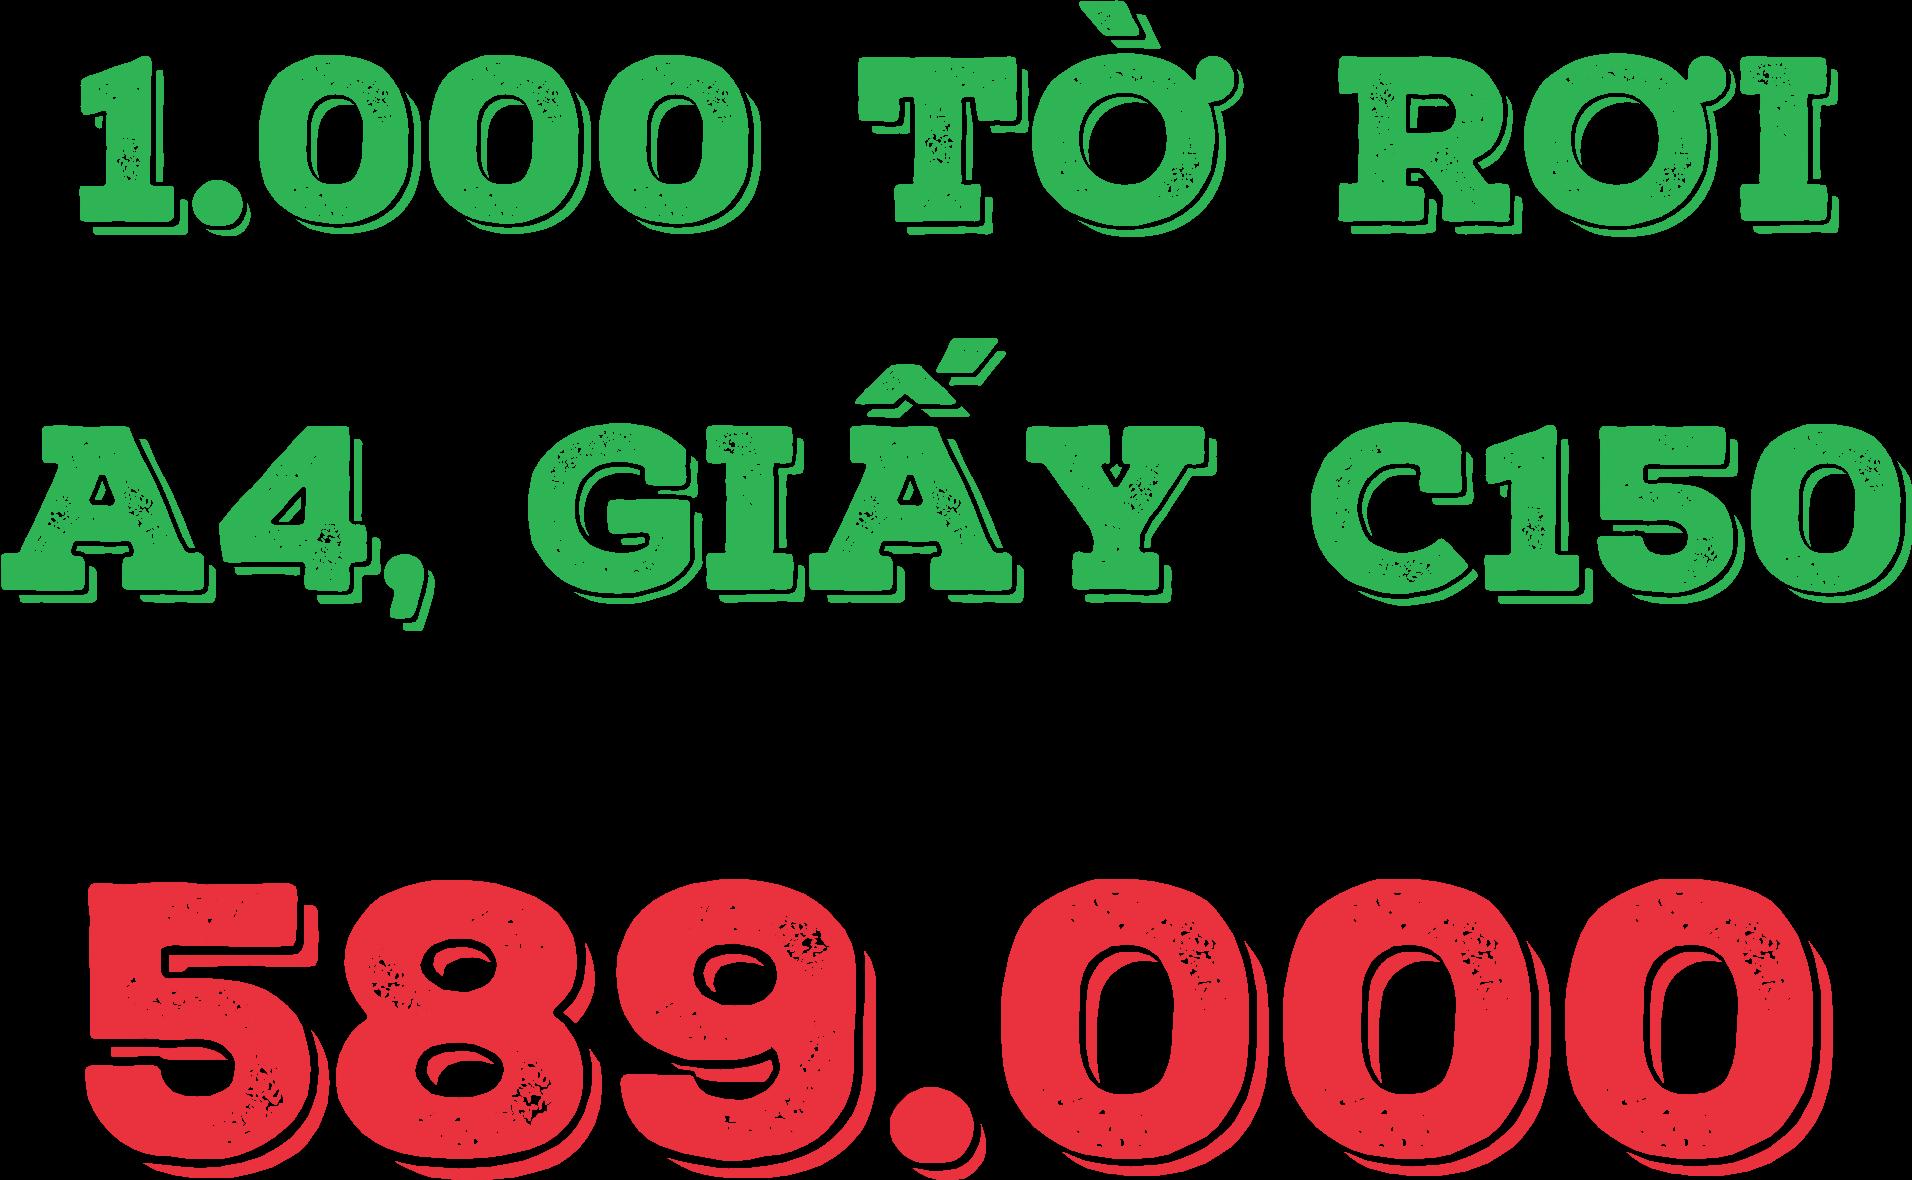 THIẾT KẾ MIỄN PHÍ 1000 tờ rơi 589.000, 1.000 cuon Catalogue 3.899.000, - 1